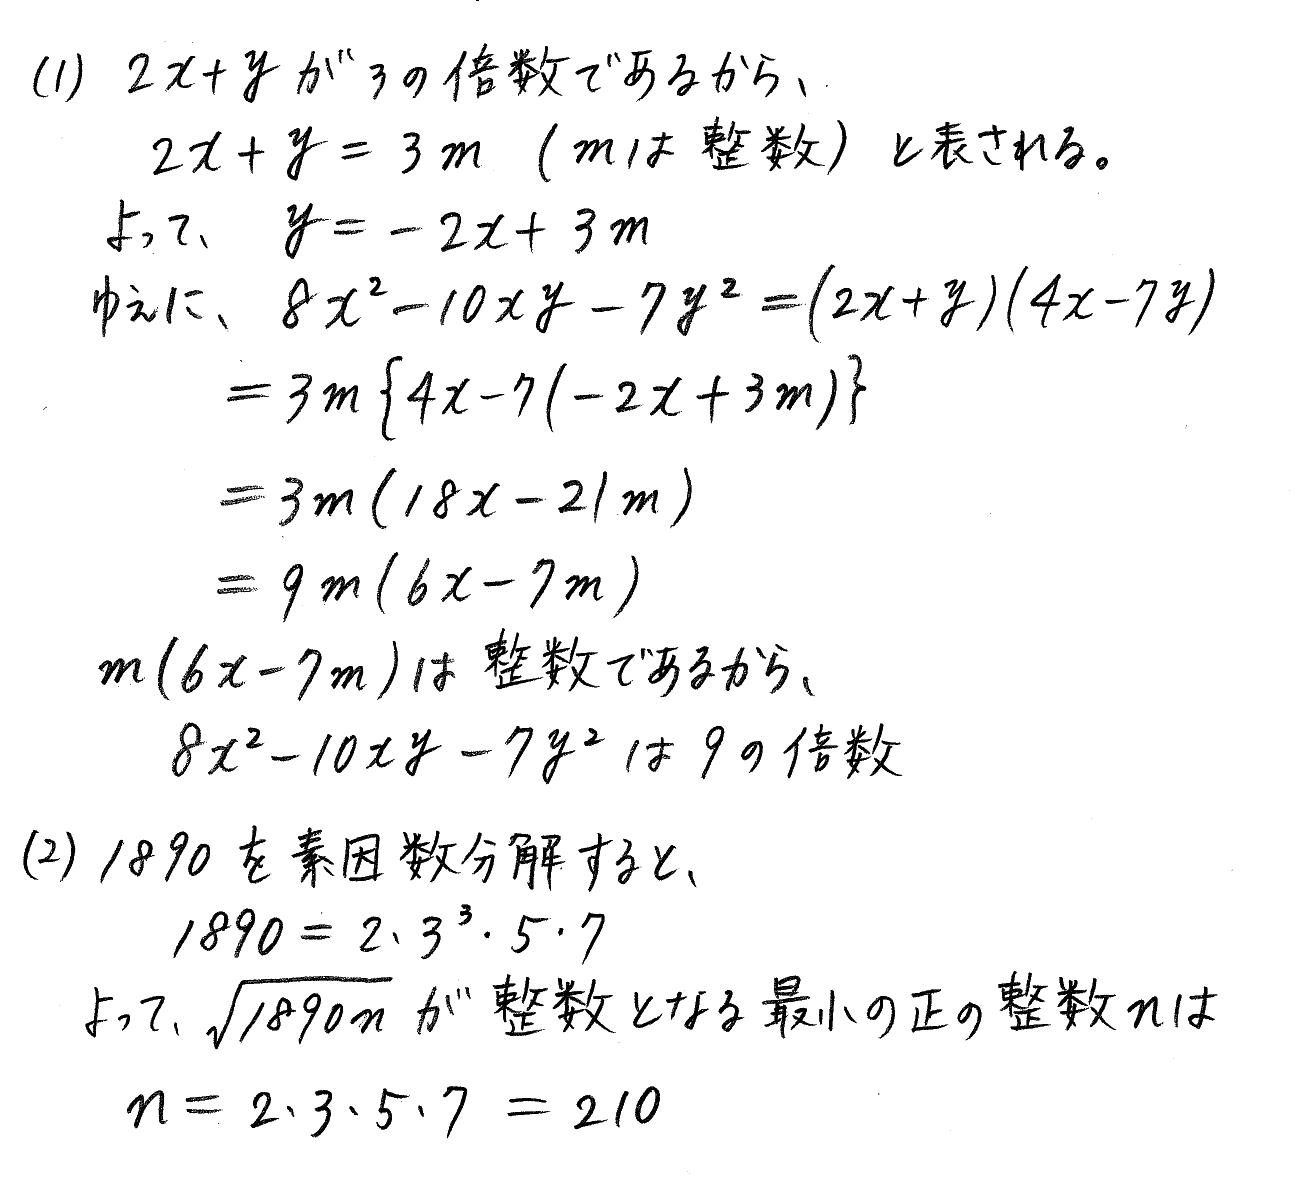 クリアー数学演習12AB受験編-68解答